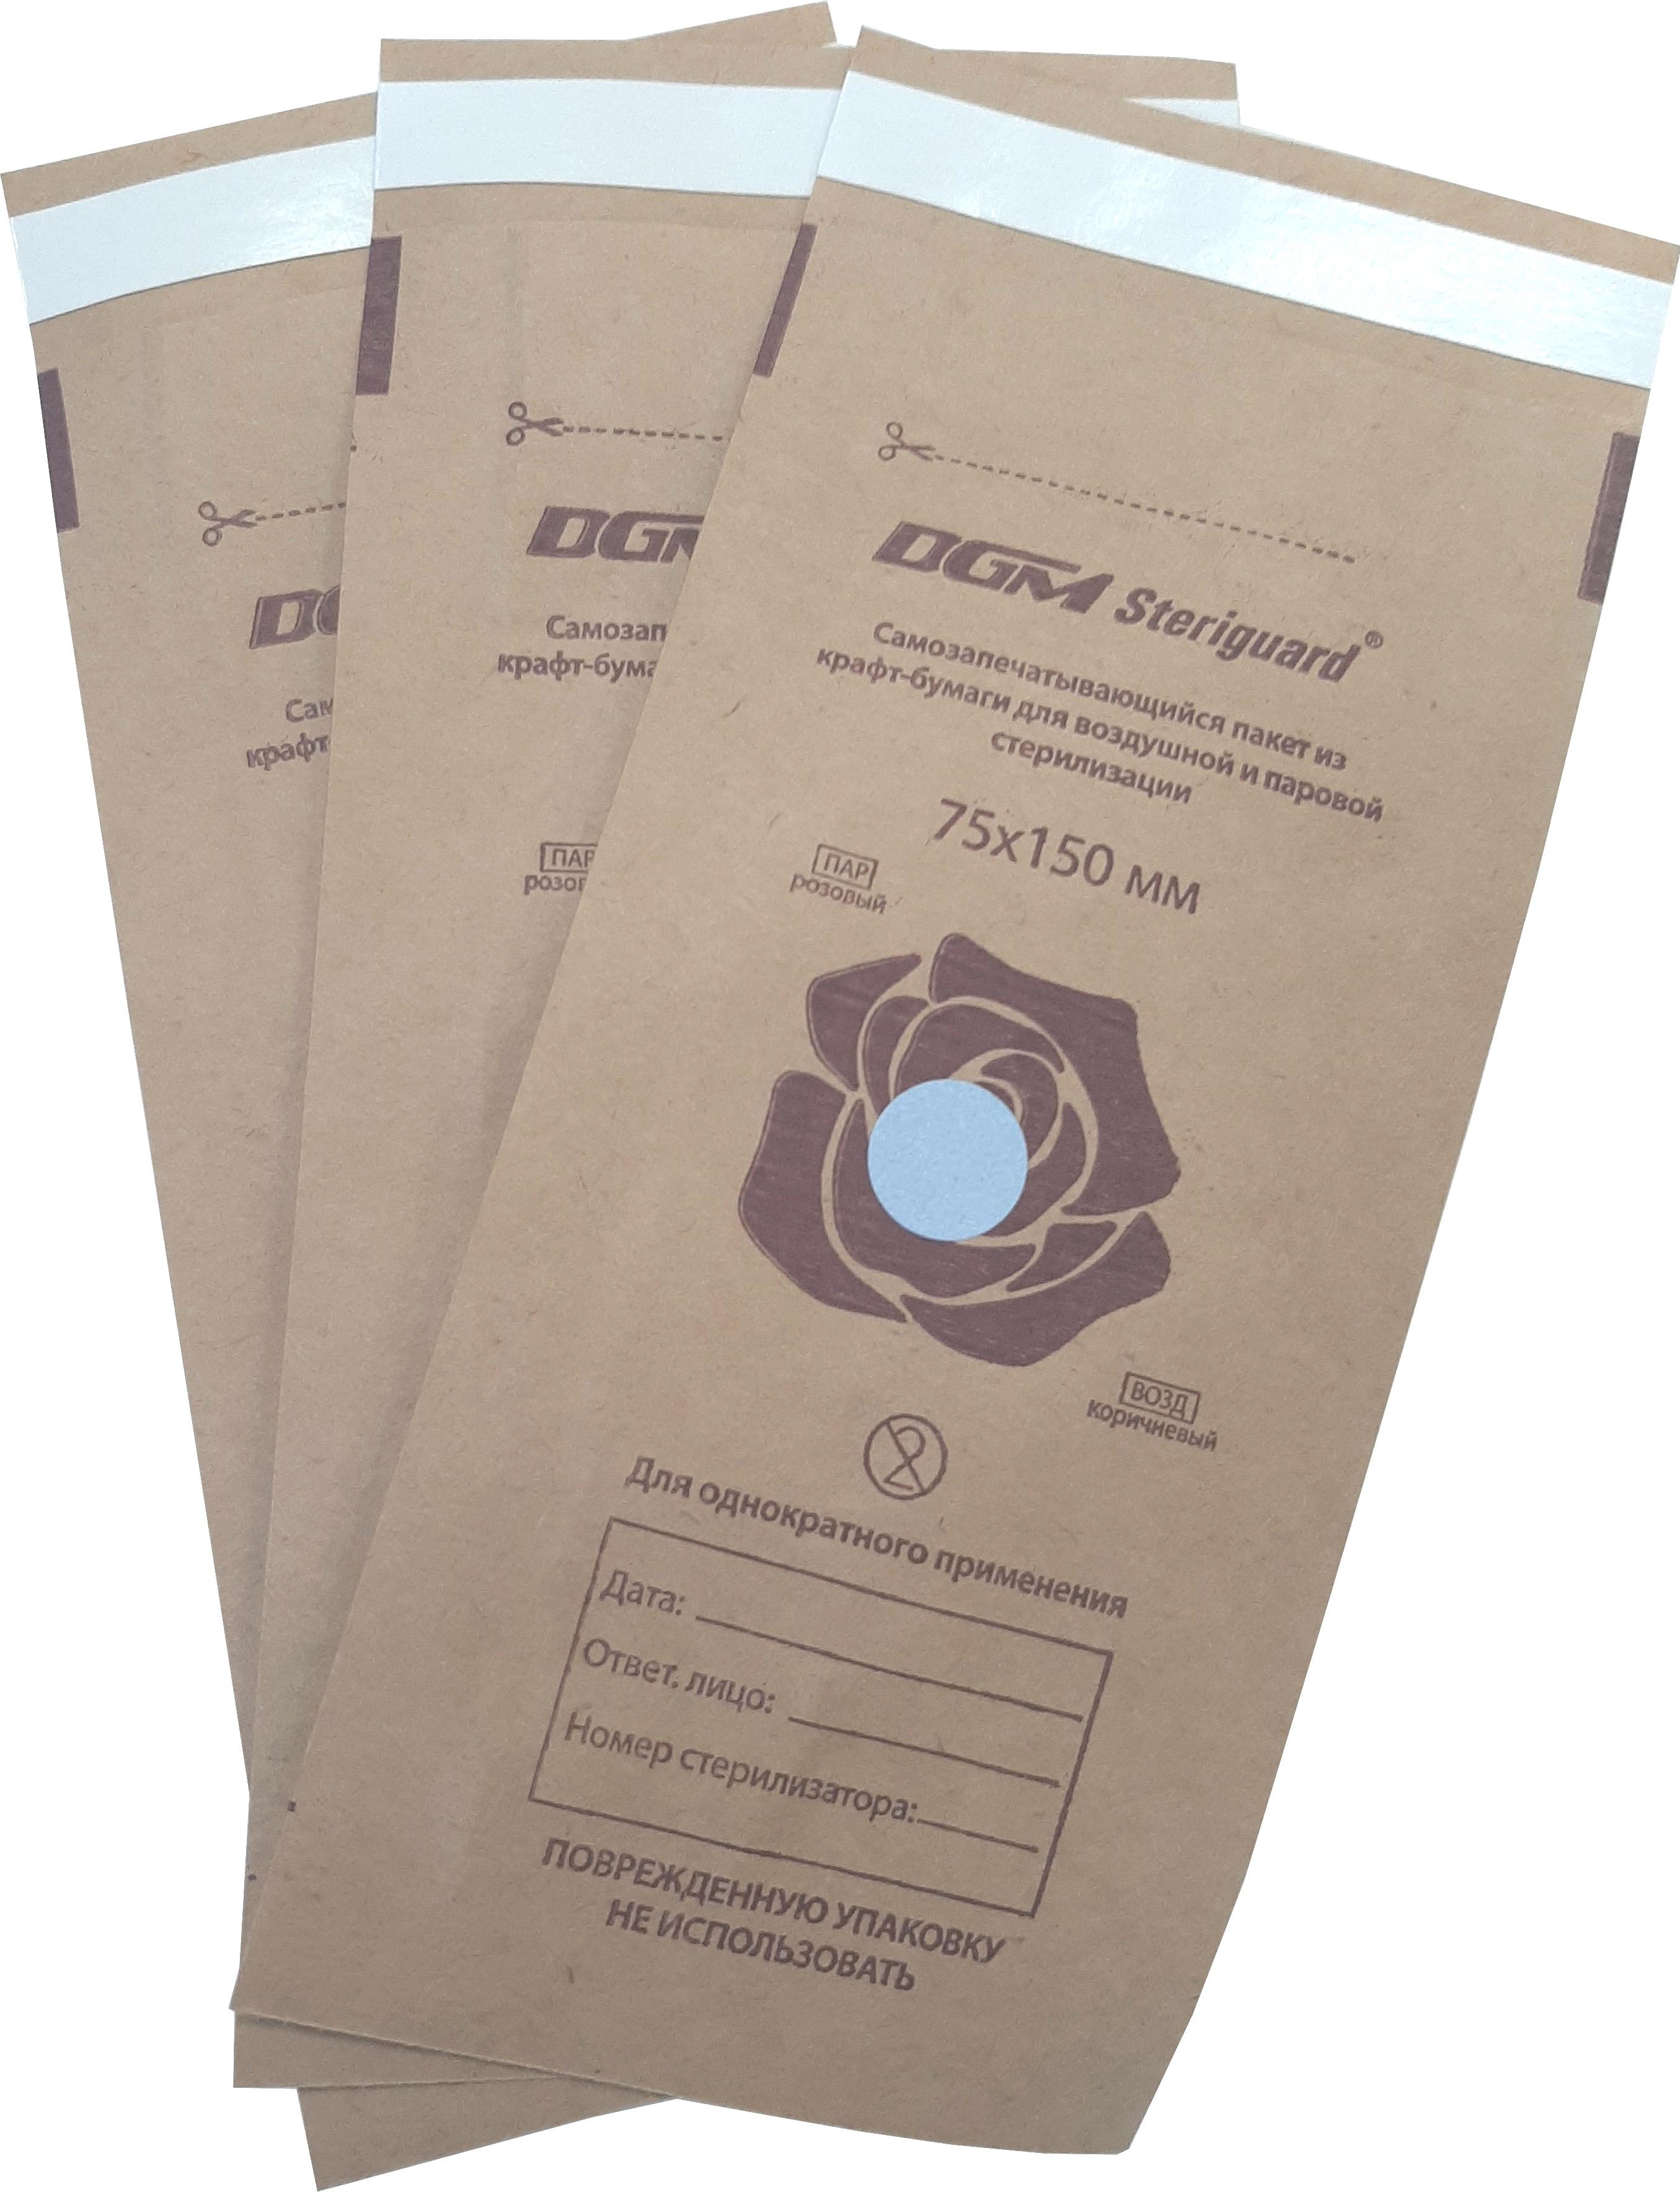 Купить DGM Пакет из крафт-бумаги самозапечатывающийся плоский для медицинской стерилизации / DGM Steriguard 75*150 мм 100 шт